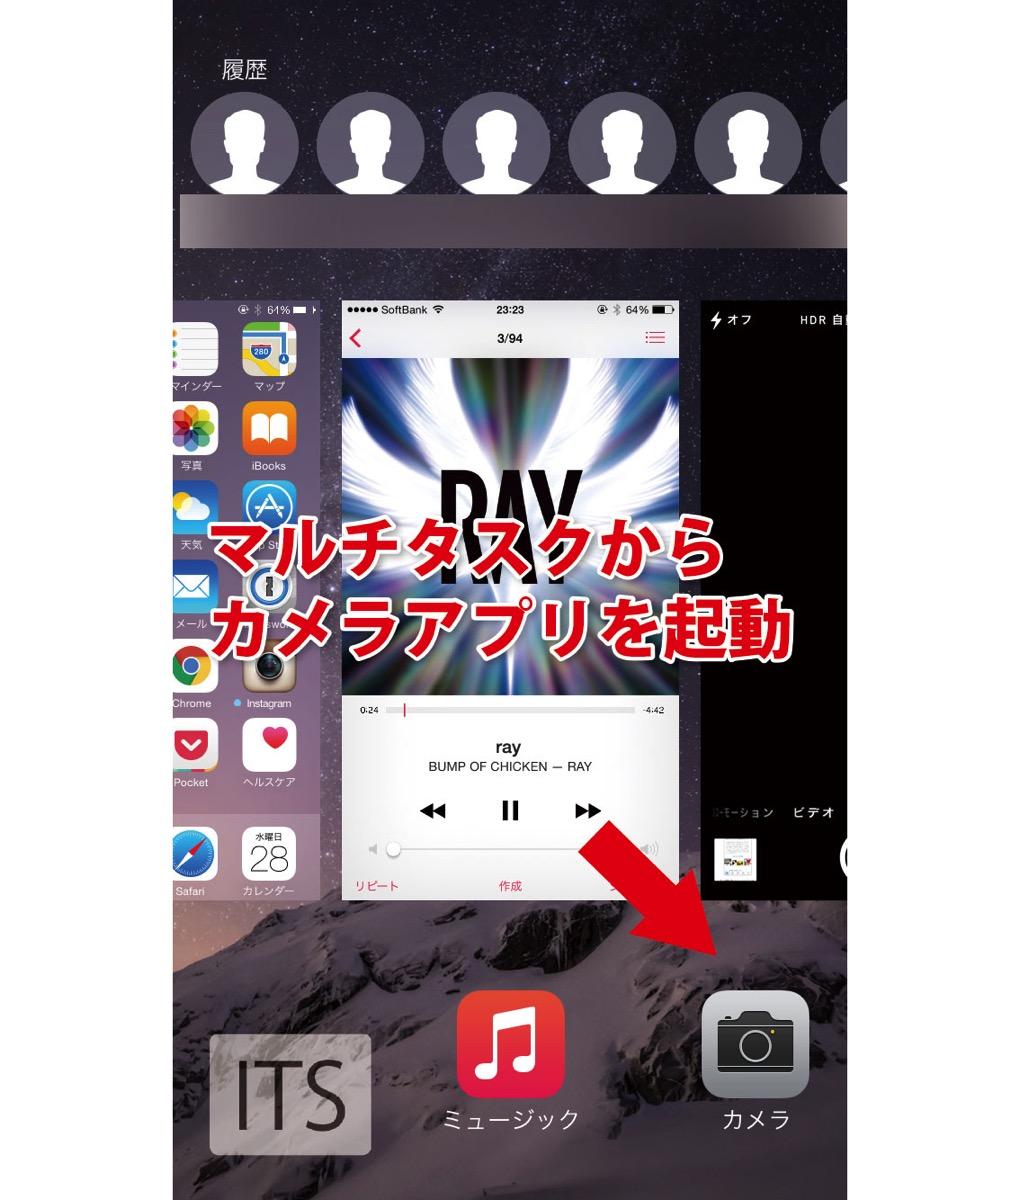 マルチタスク画面 iPhone